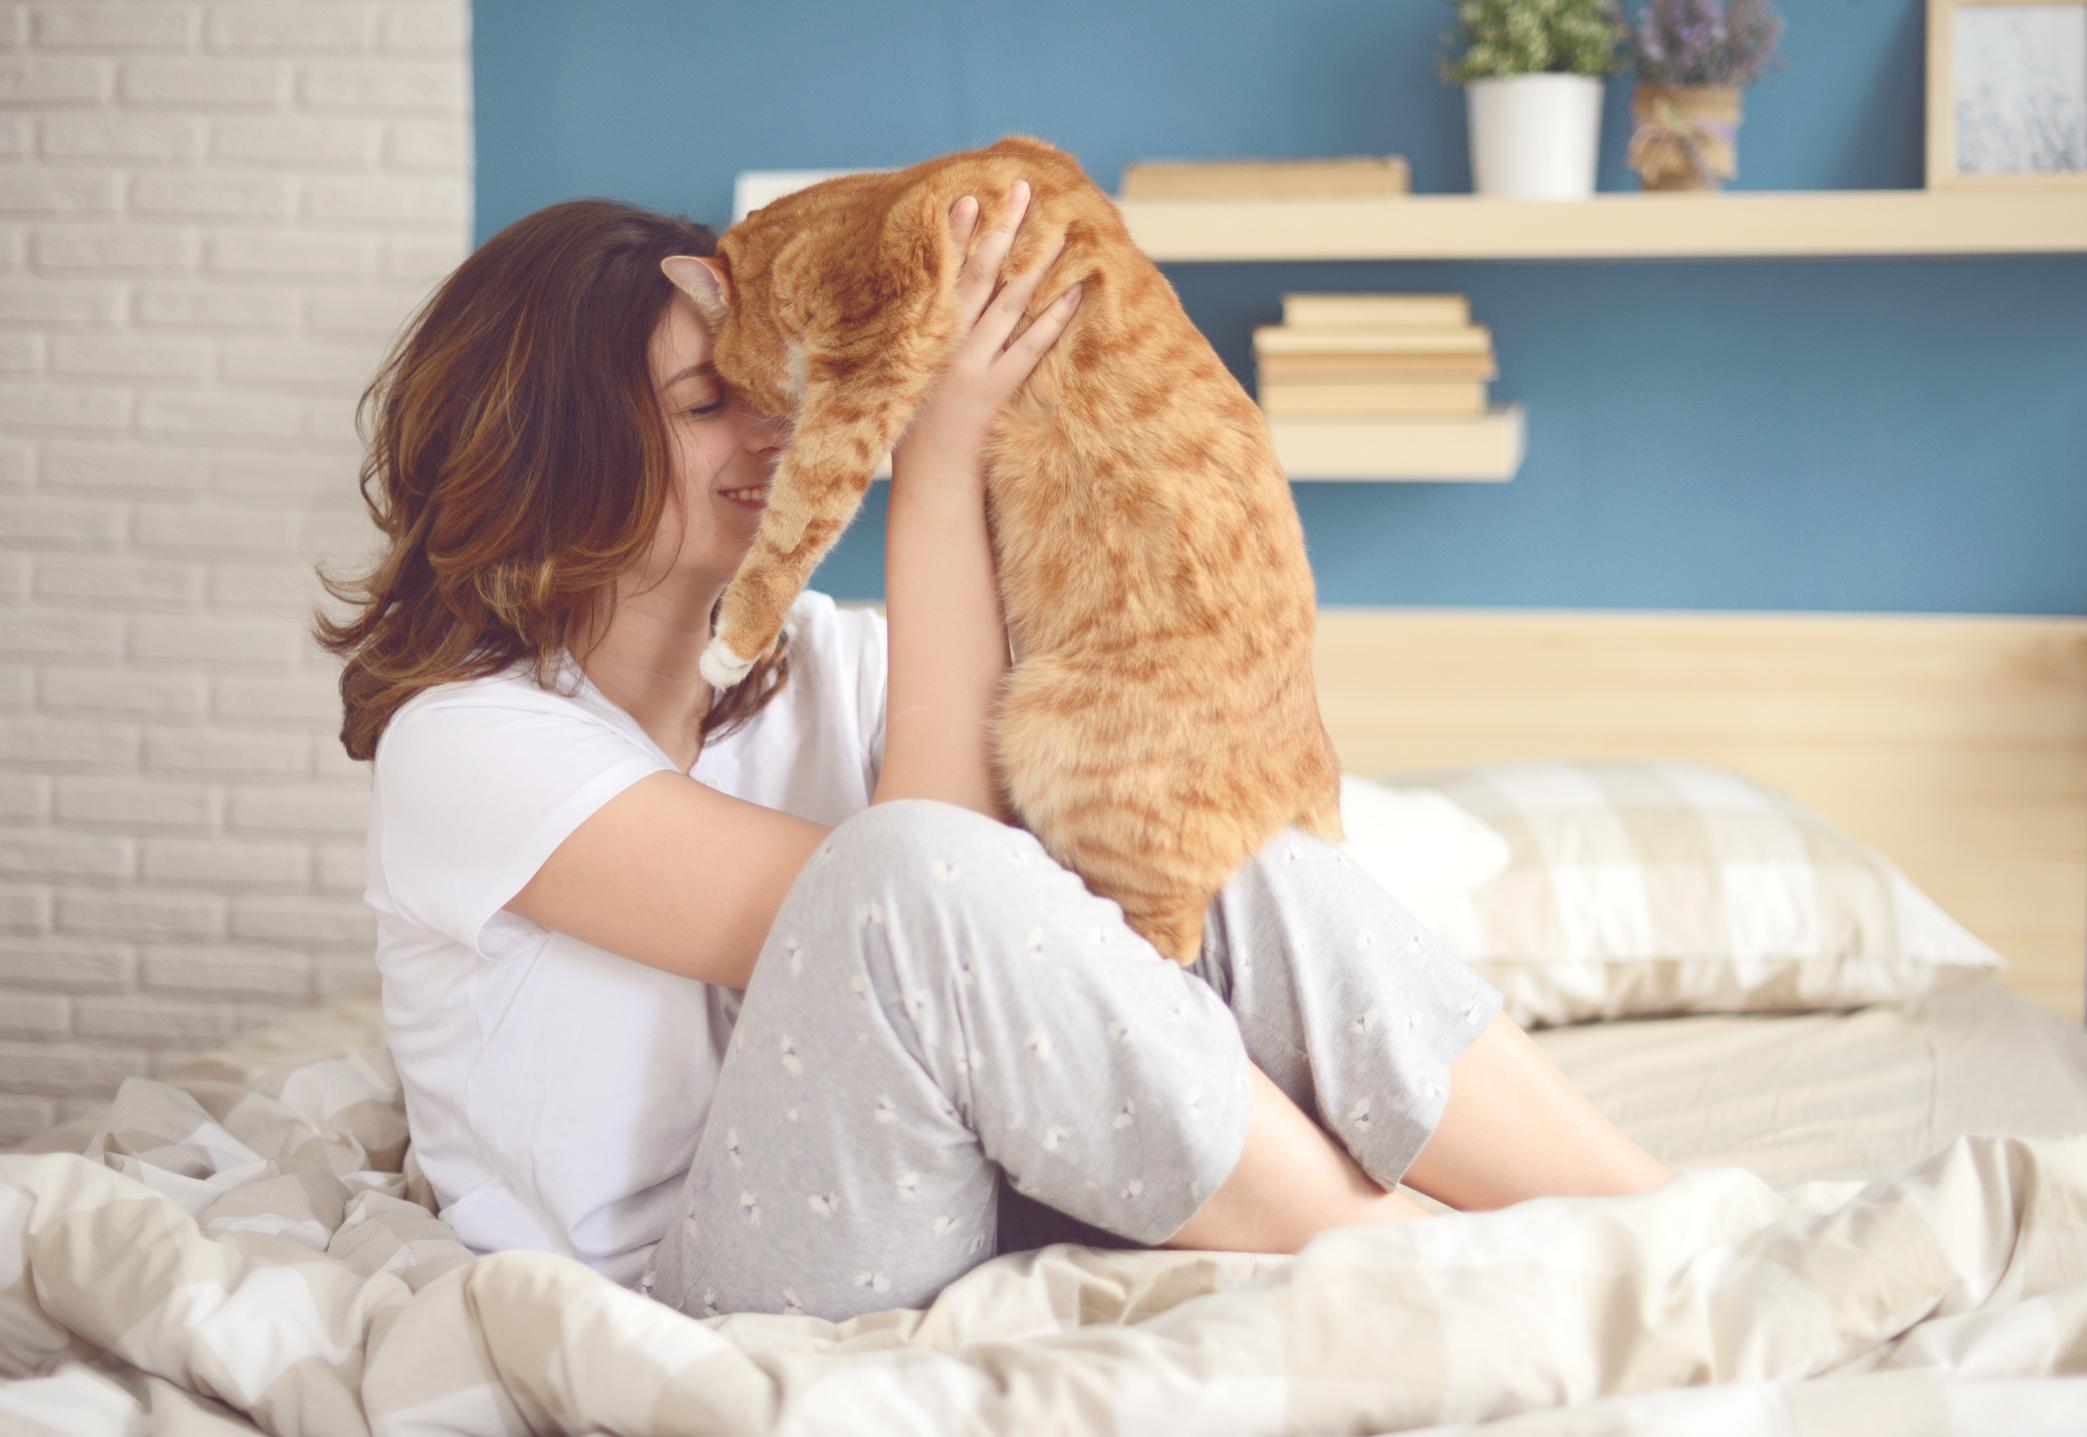 Warum ein Katzenjunges nicht im Bett des Besitzers schlafen sollte